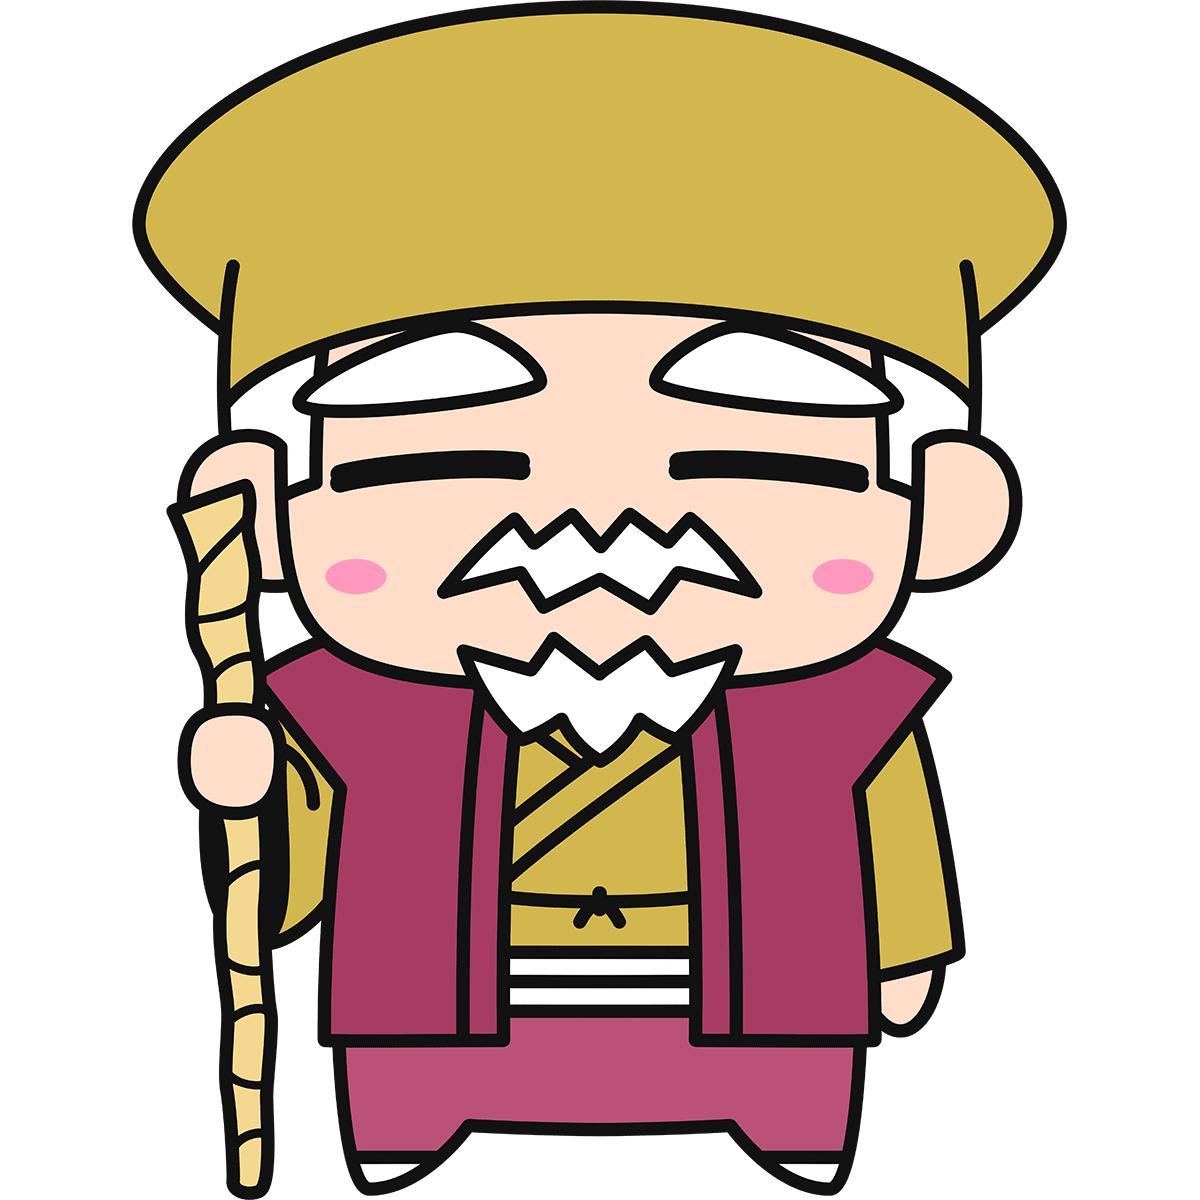 水戸黄門(徳川光圀)の無料イラスト